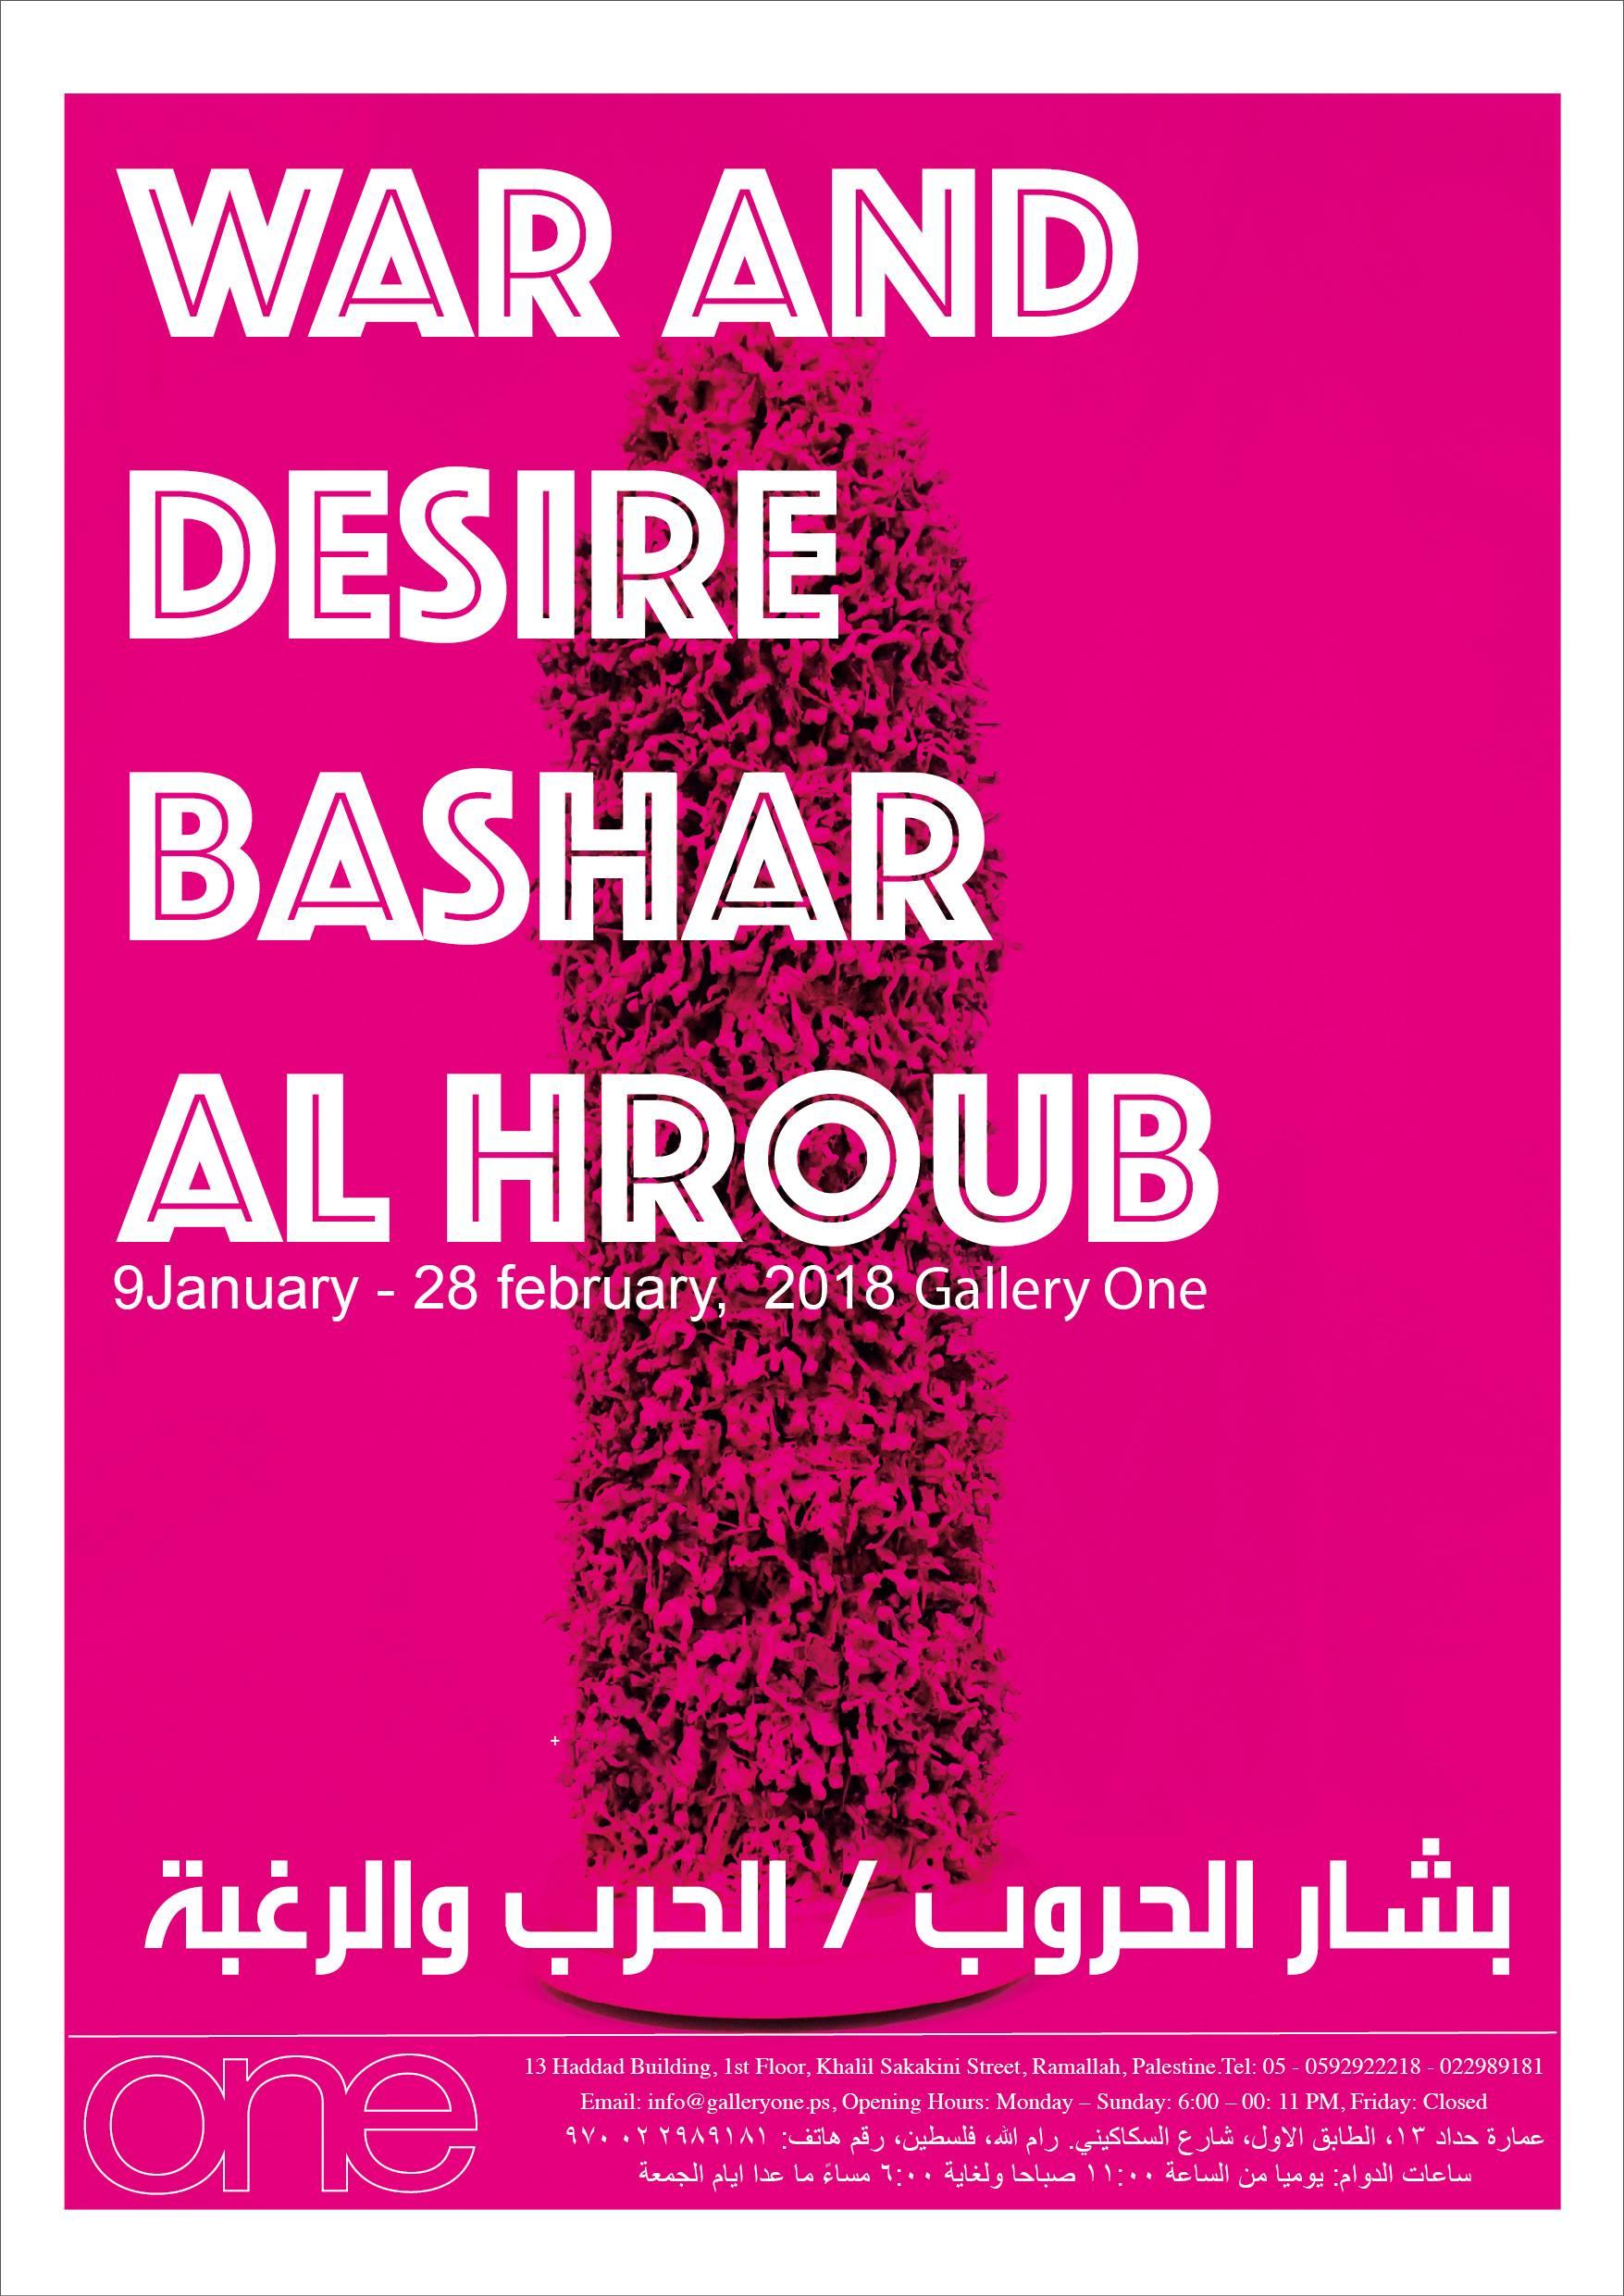 بين الرغبة والحرب.. معرض فني جديد للفنان بشار الحروب